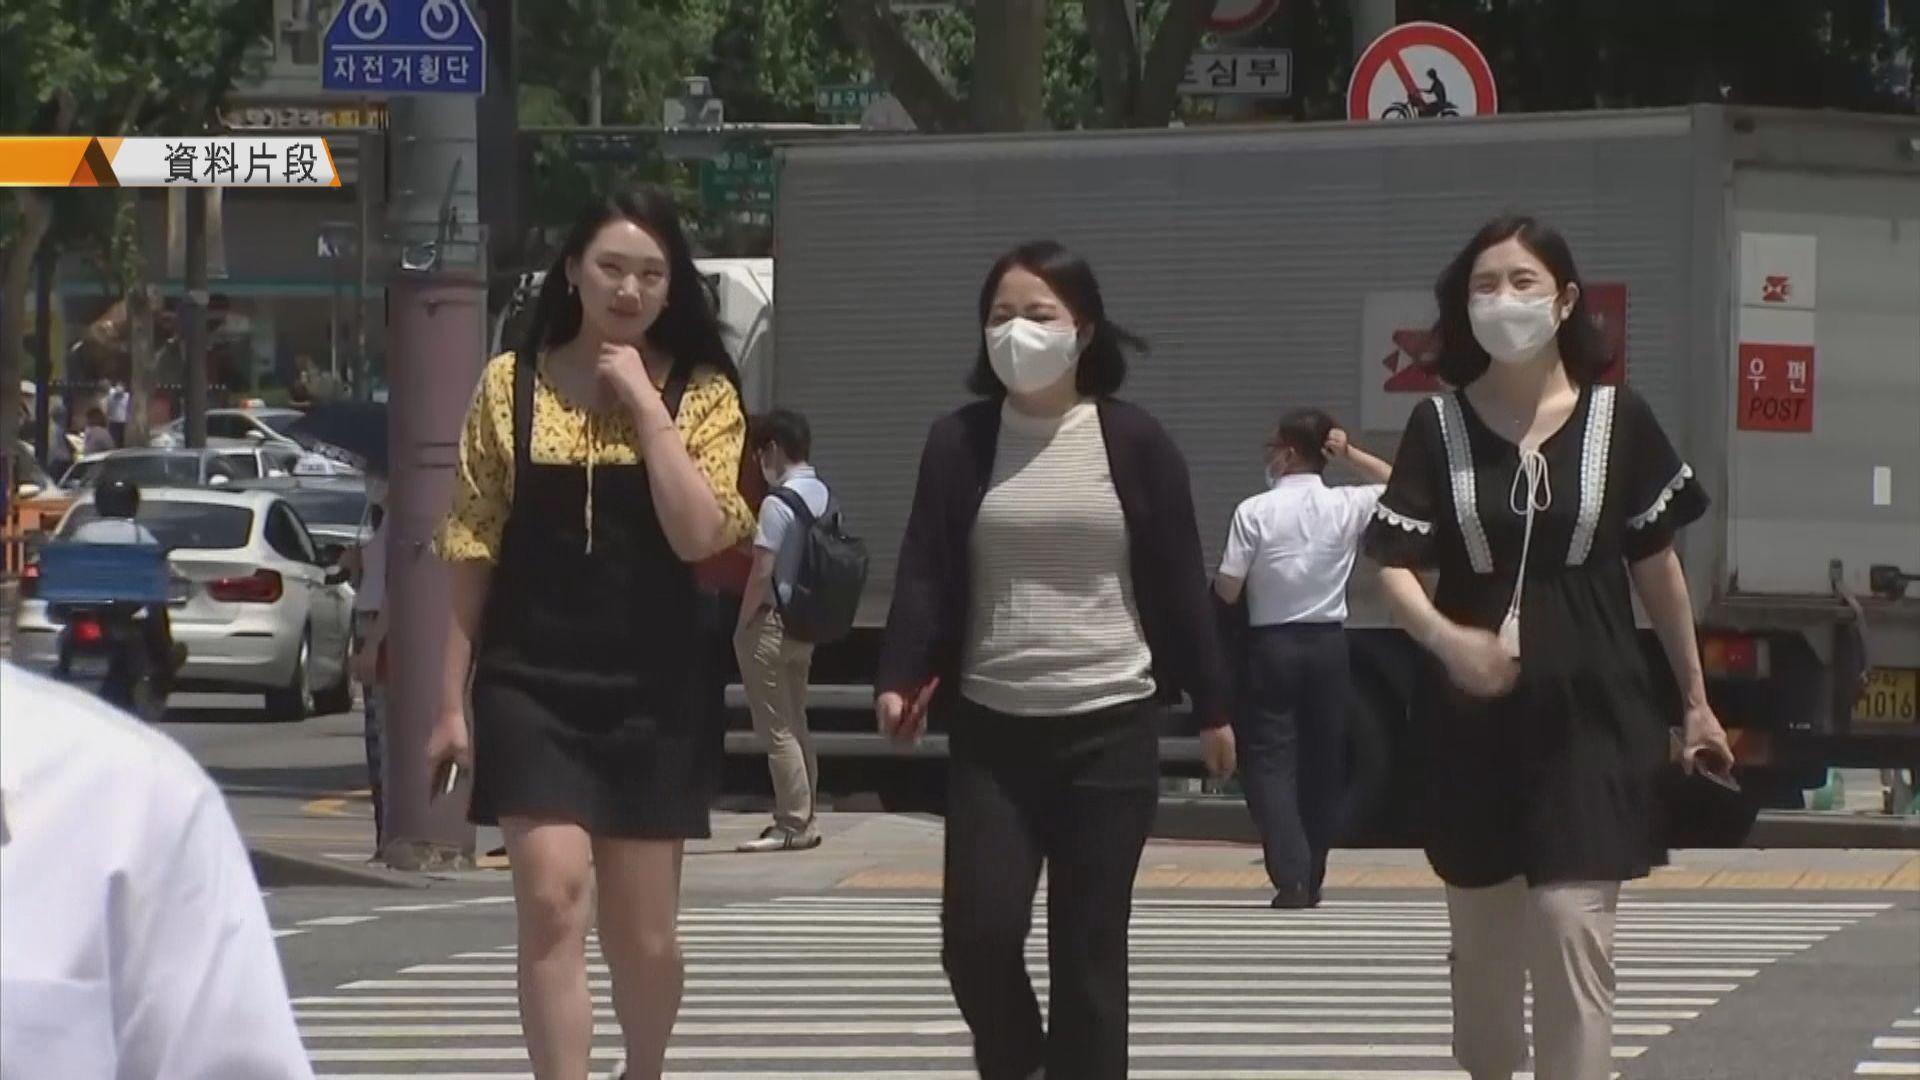 南韓新增266宗確診 首爾居民今起公眾地方須戴口罩